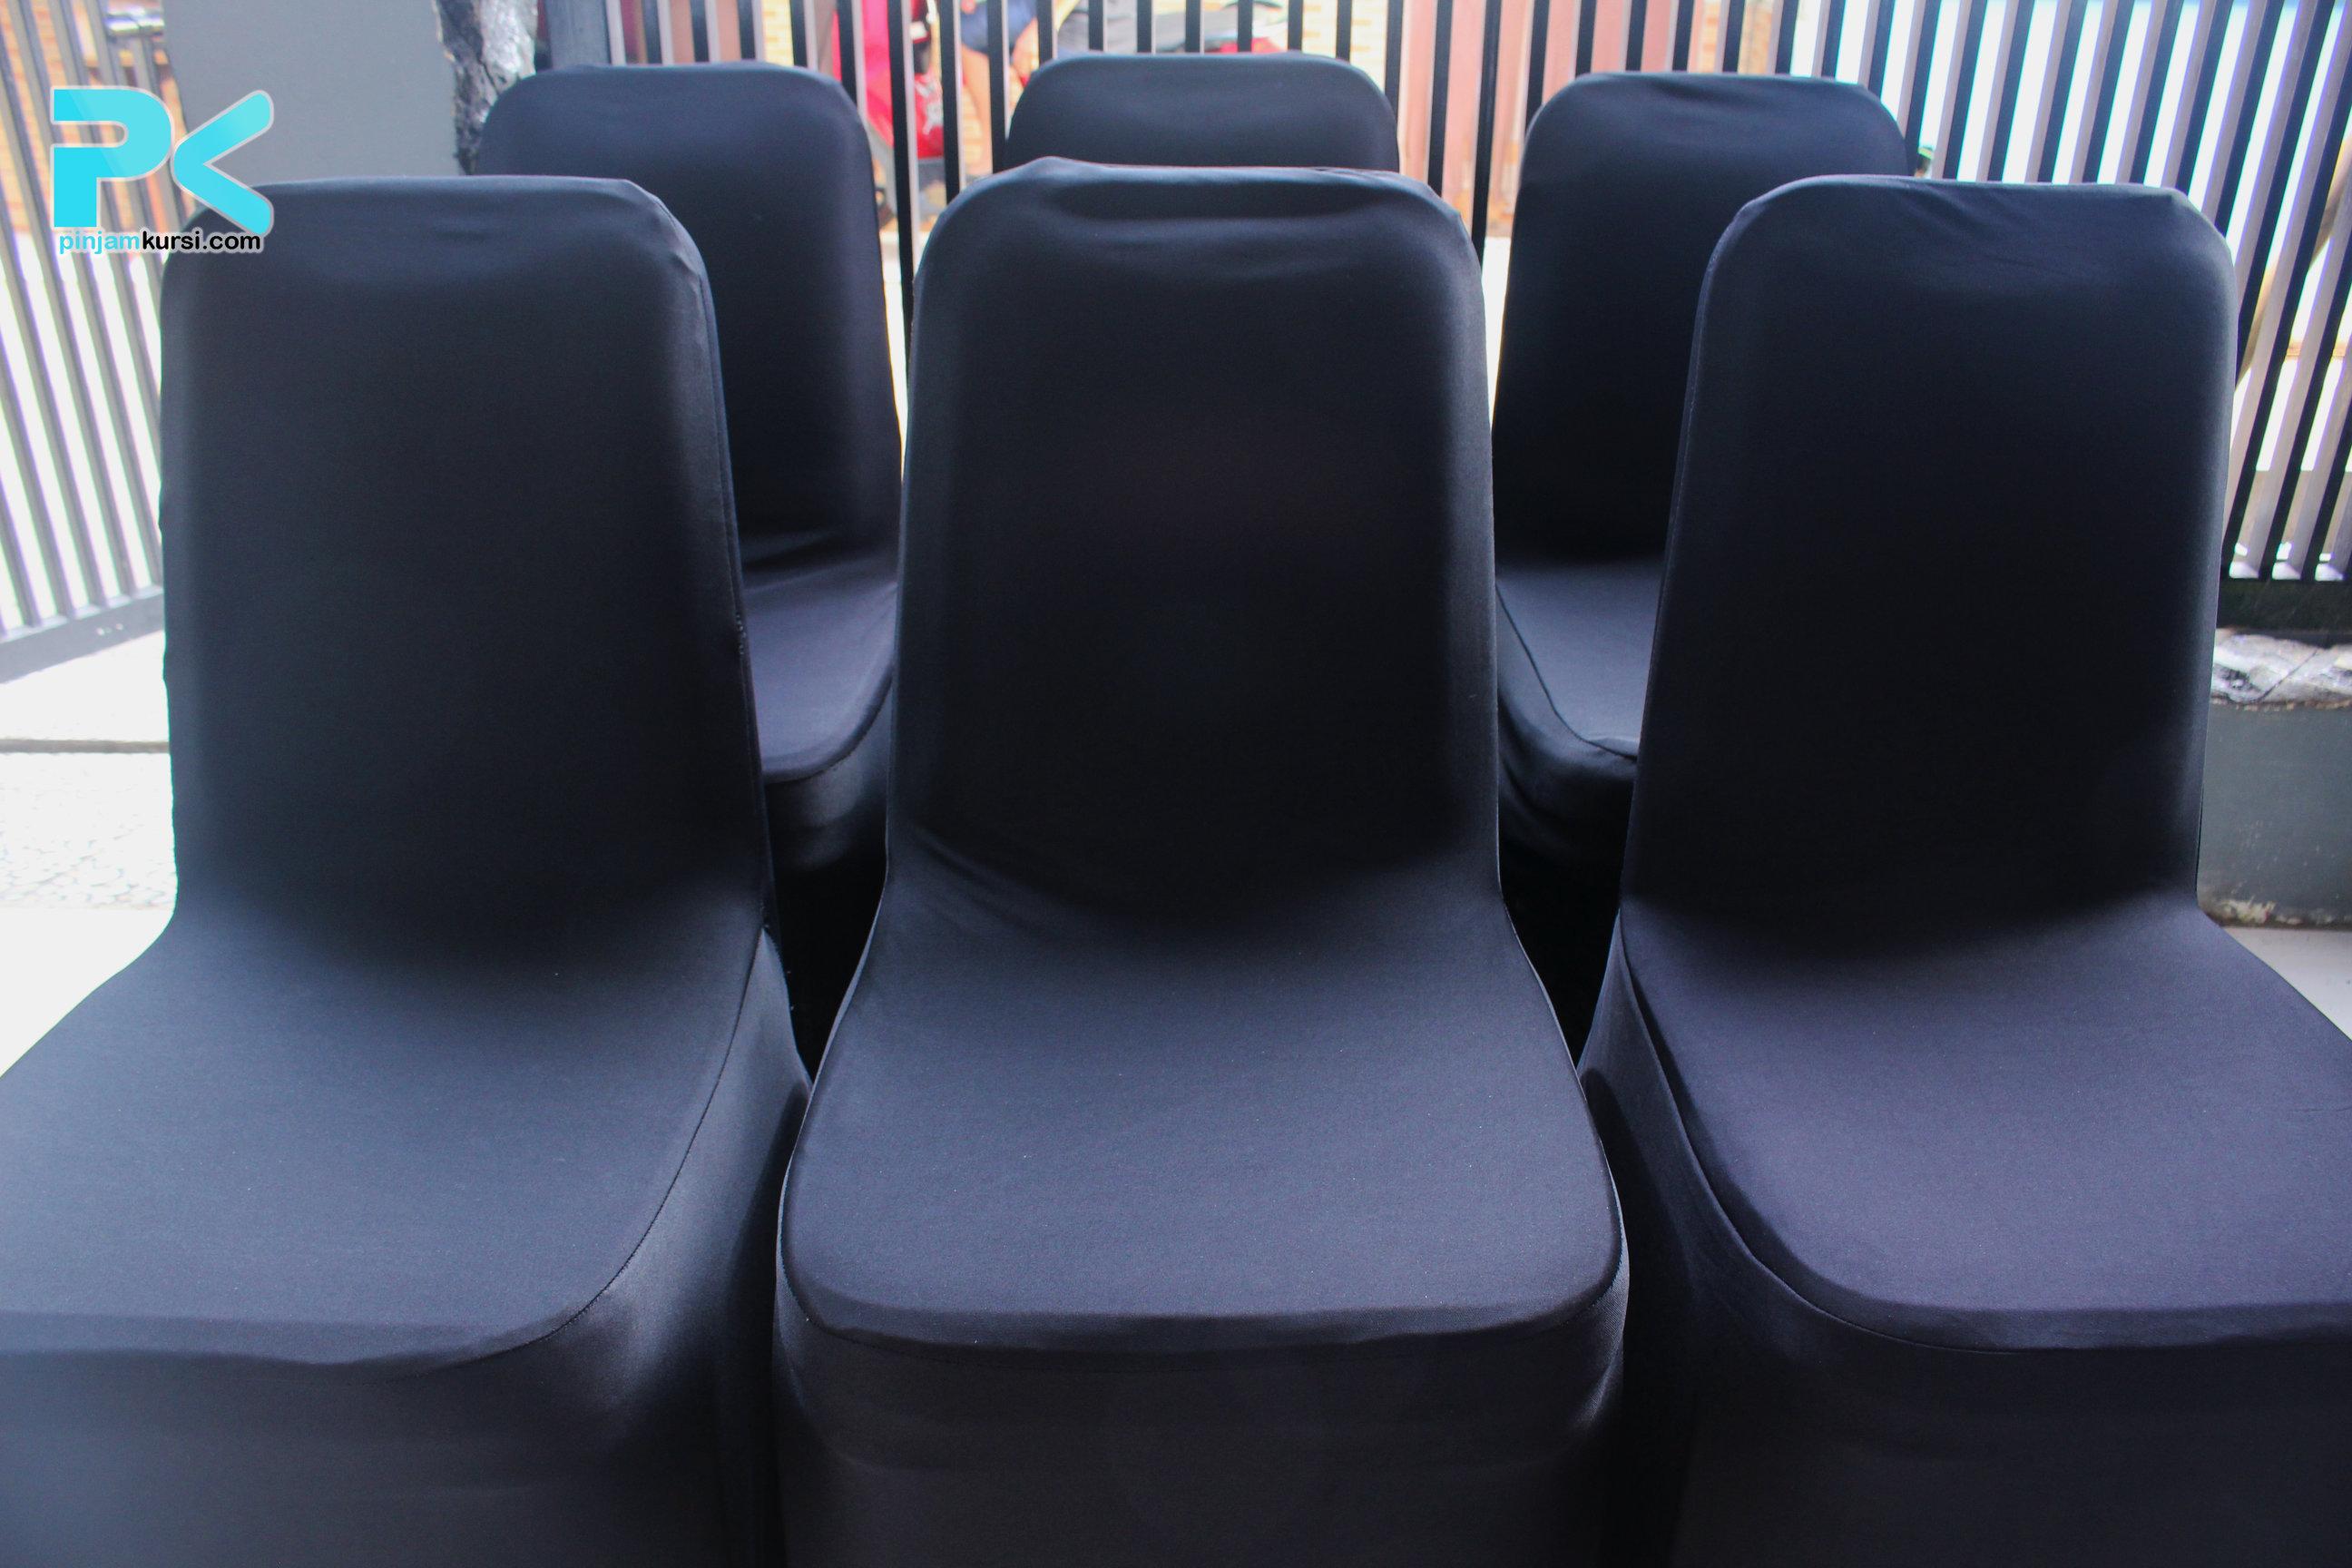 sewa kursi futura cover hitam